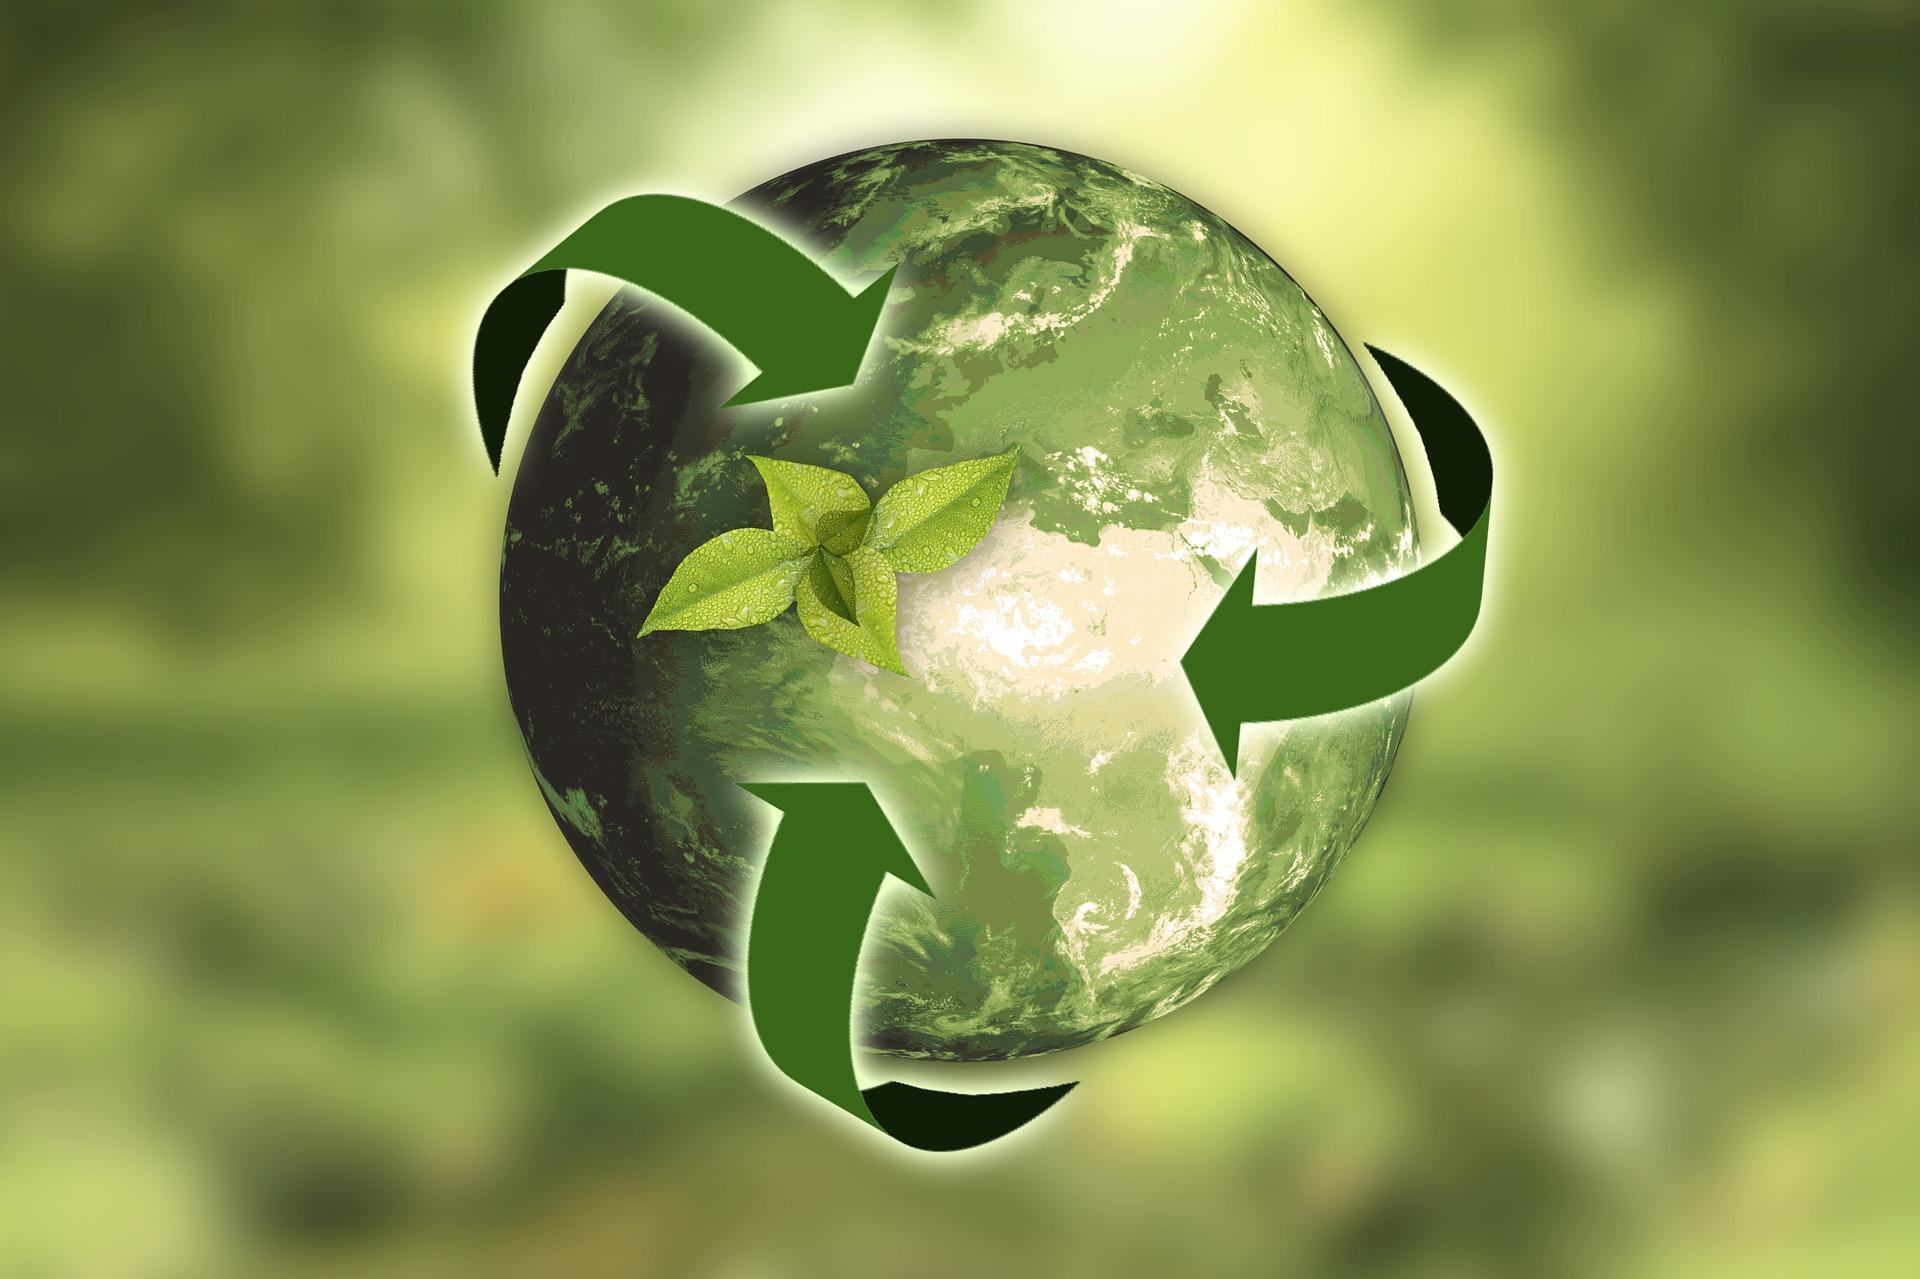 Existe plástico não reciclável?